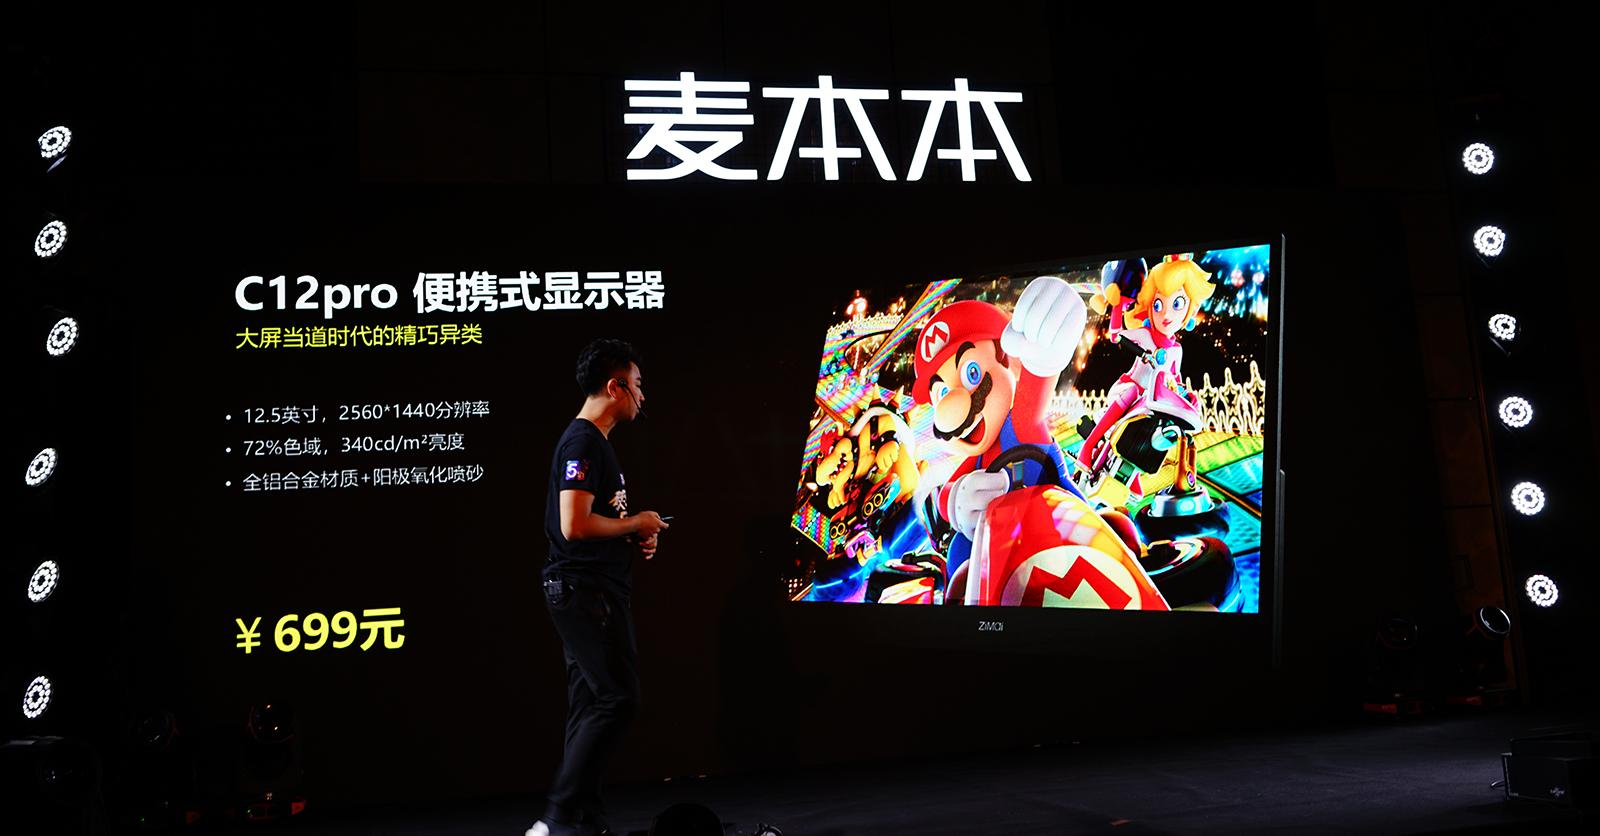 超高色域超便携!麦本本发布两款便携显示器,售价699元起!